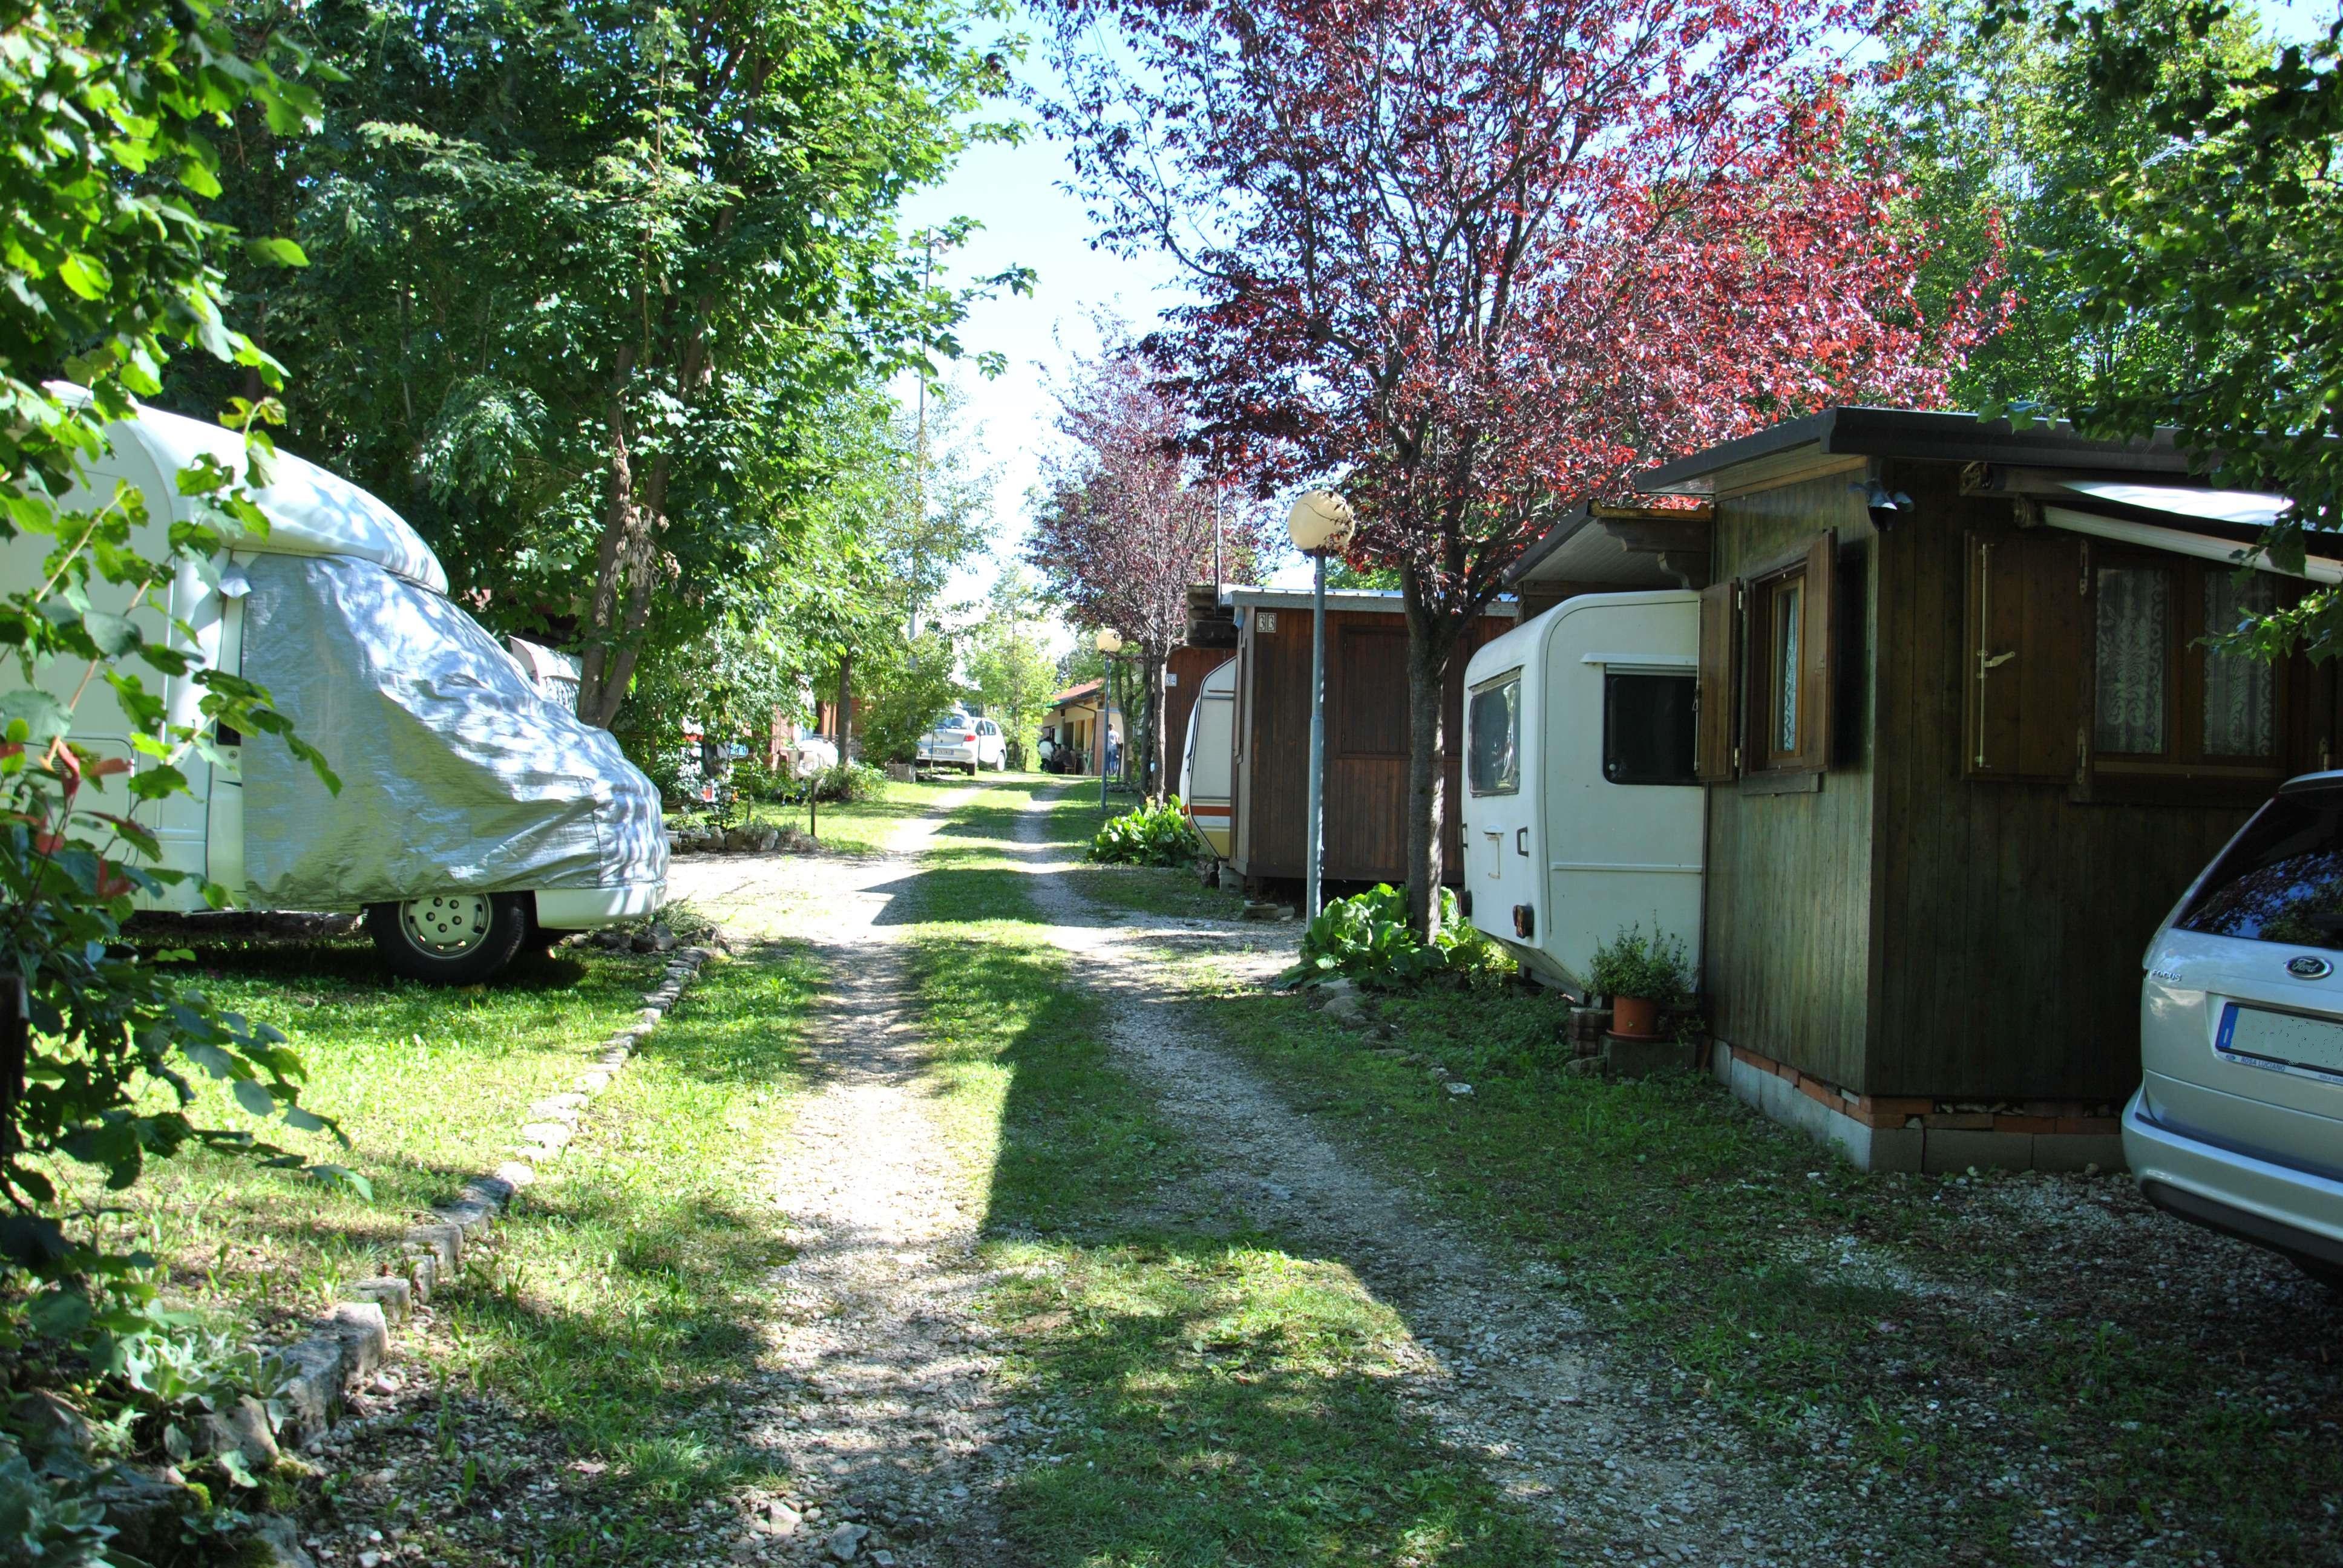 viale-22-camping-club-cerbaro